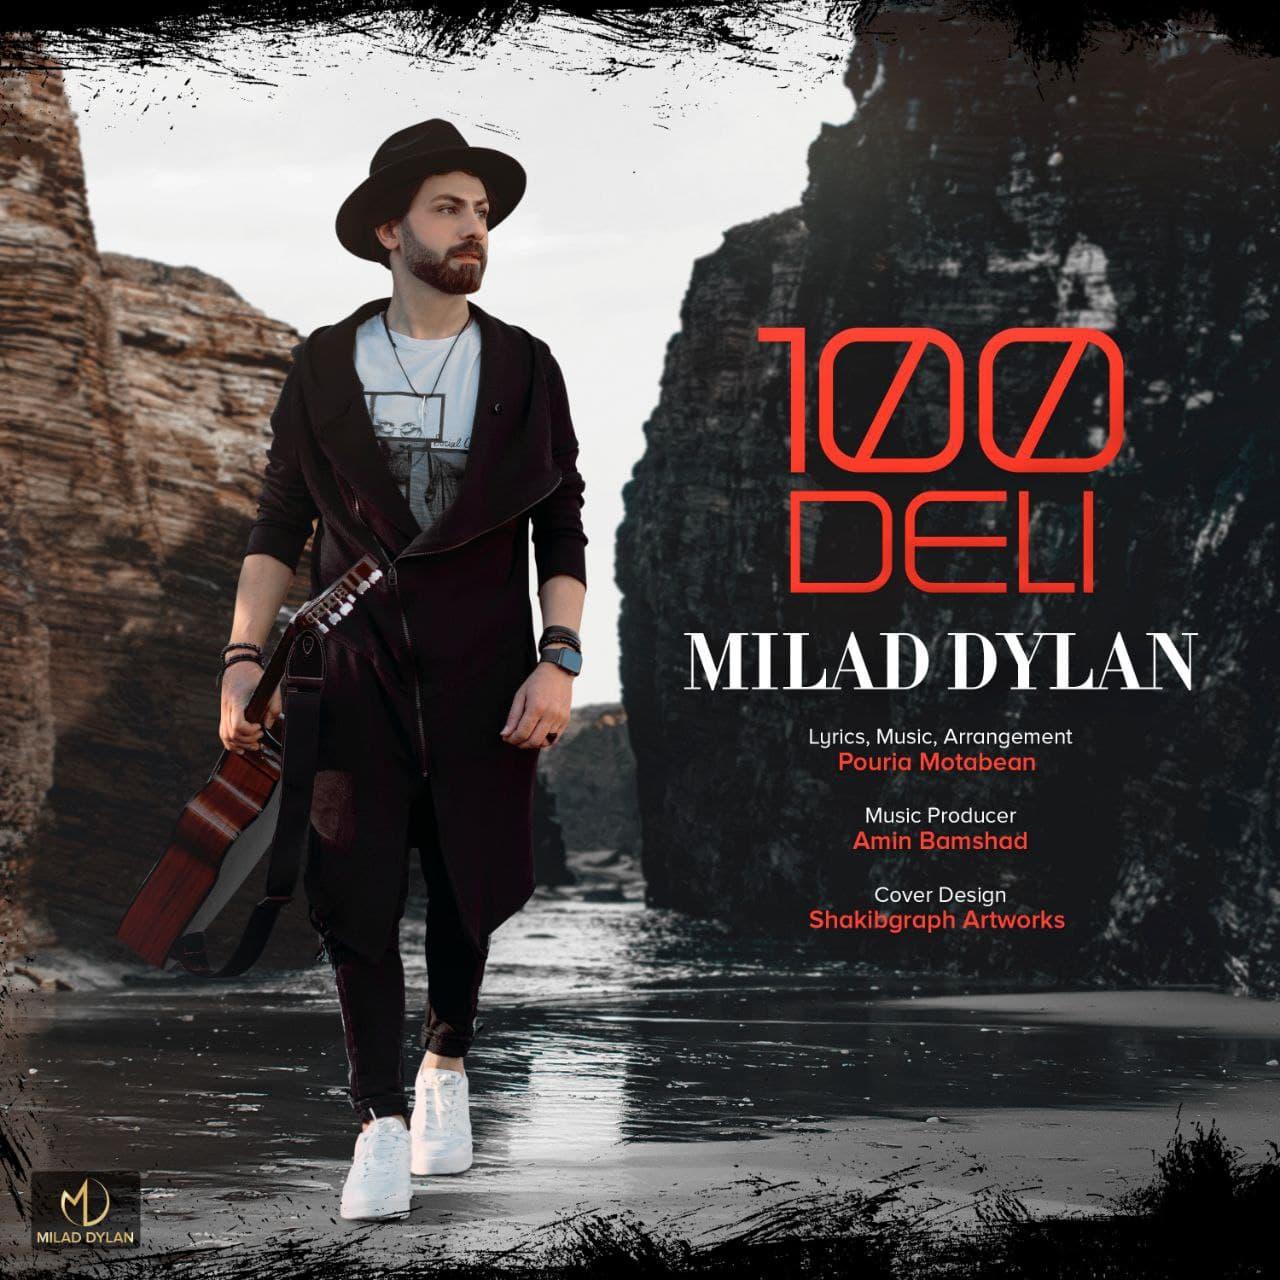 Milad Dylan – 100 Deli